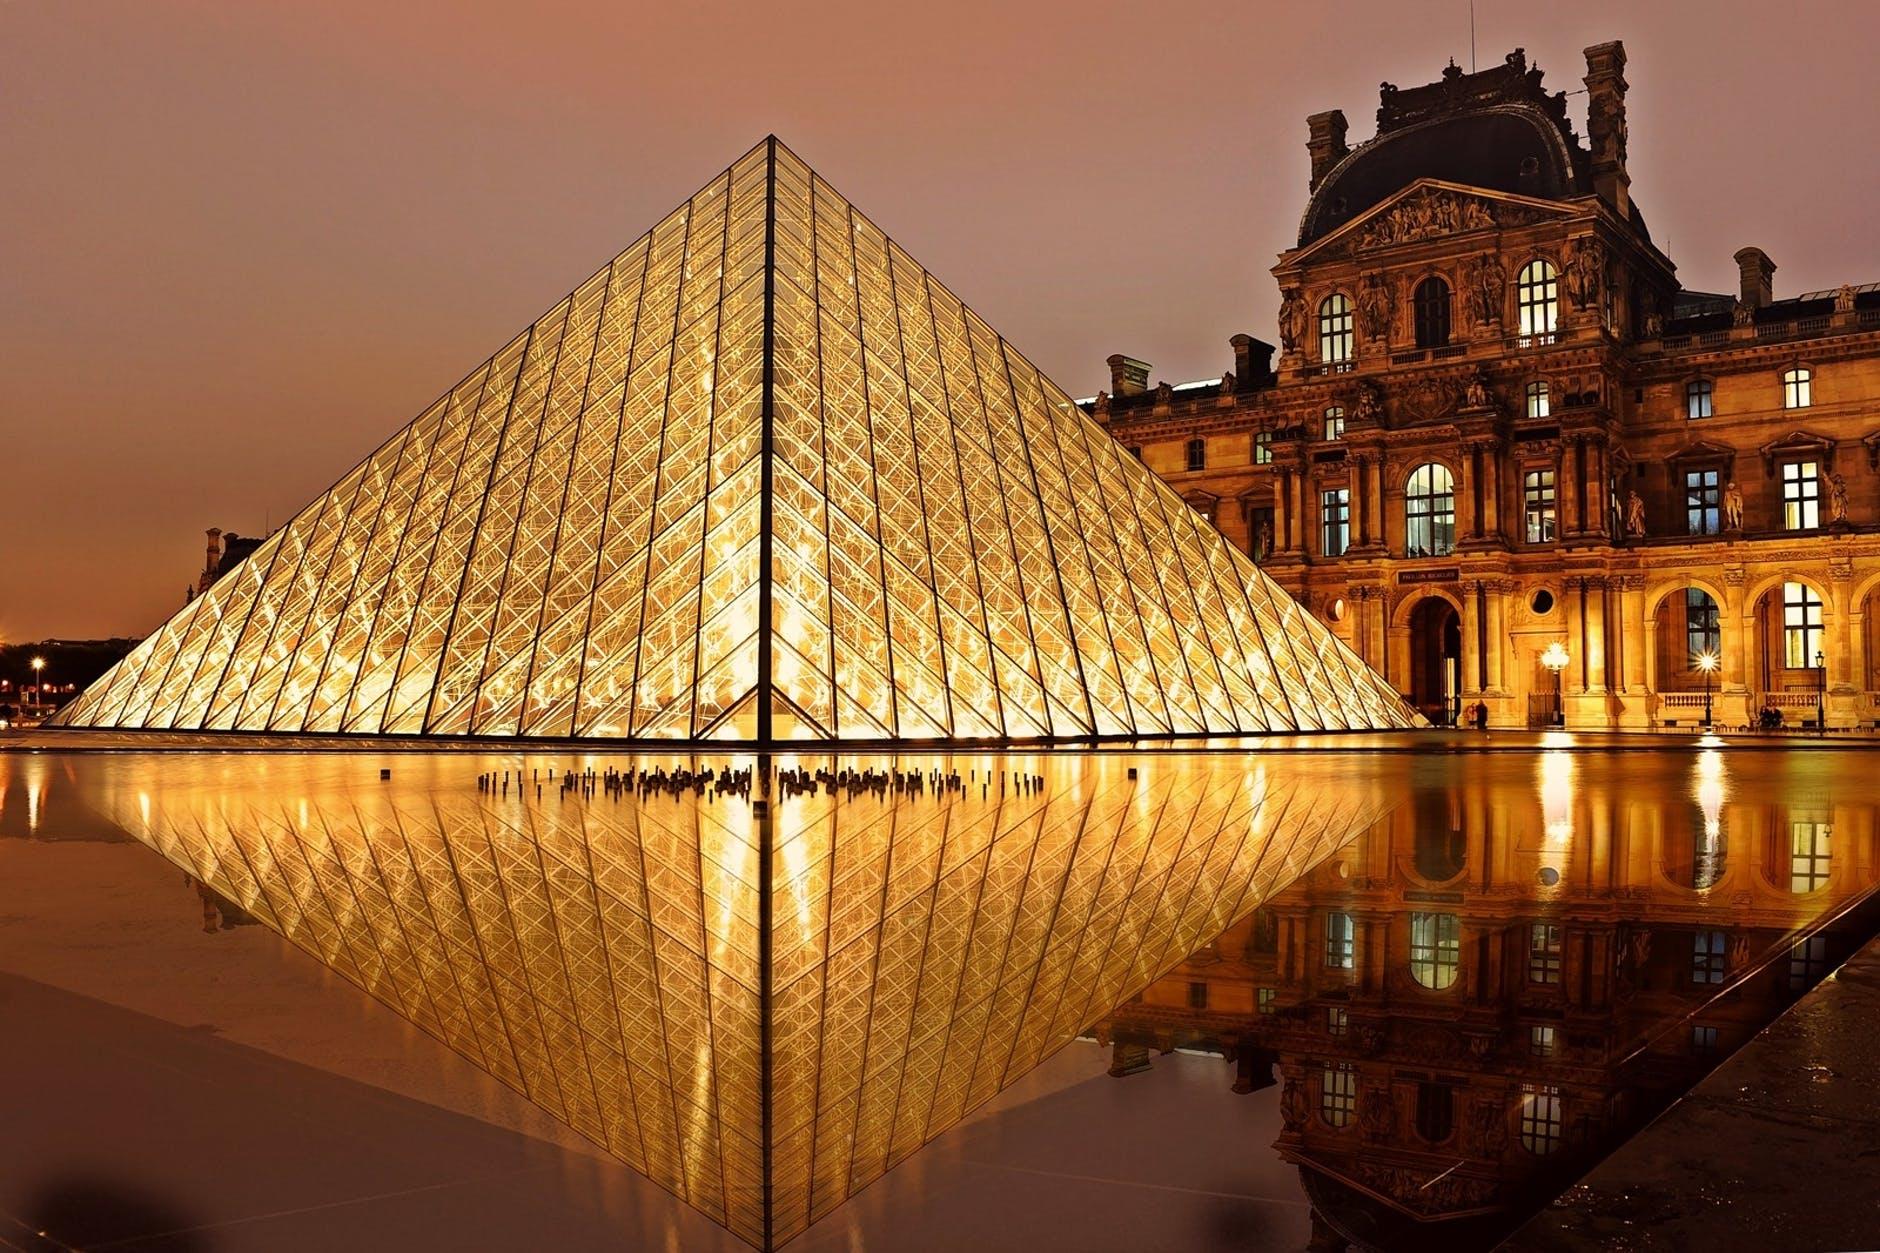 El Museo del Louvre abre su acervo de forma virtual y gratuita.El Louvre pone a disposición para visualización  482.000 obras de arte. La colección completa del museo está disponible para ver online de forma gratuita.